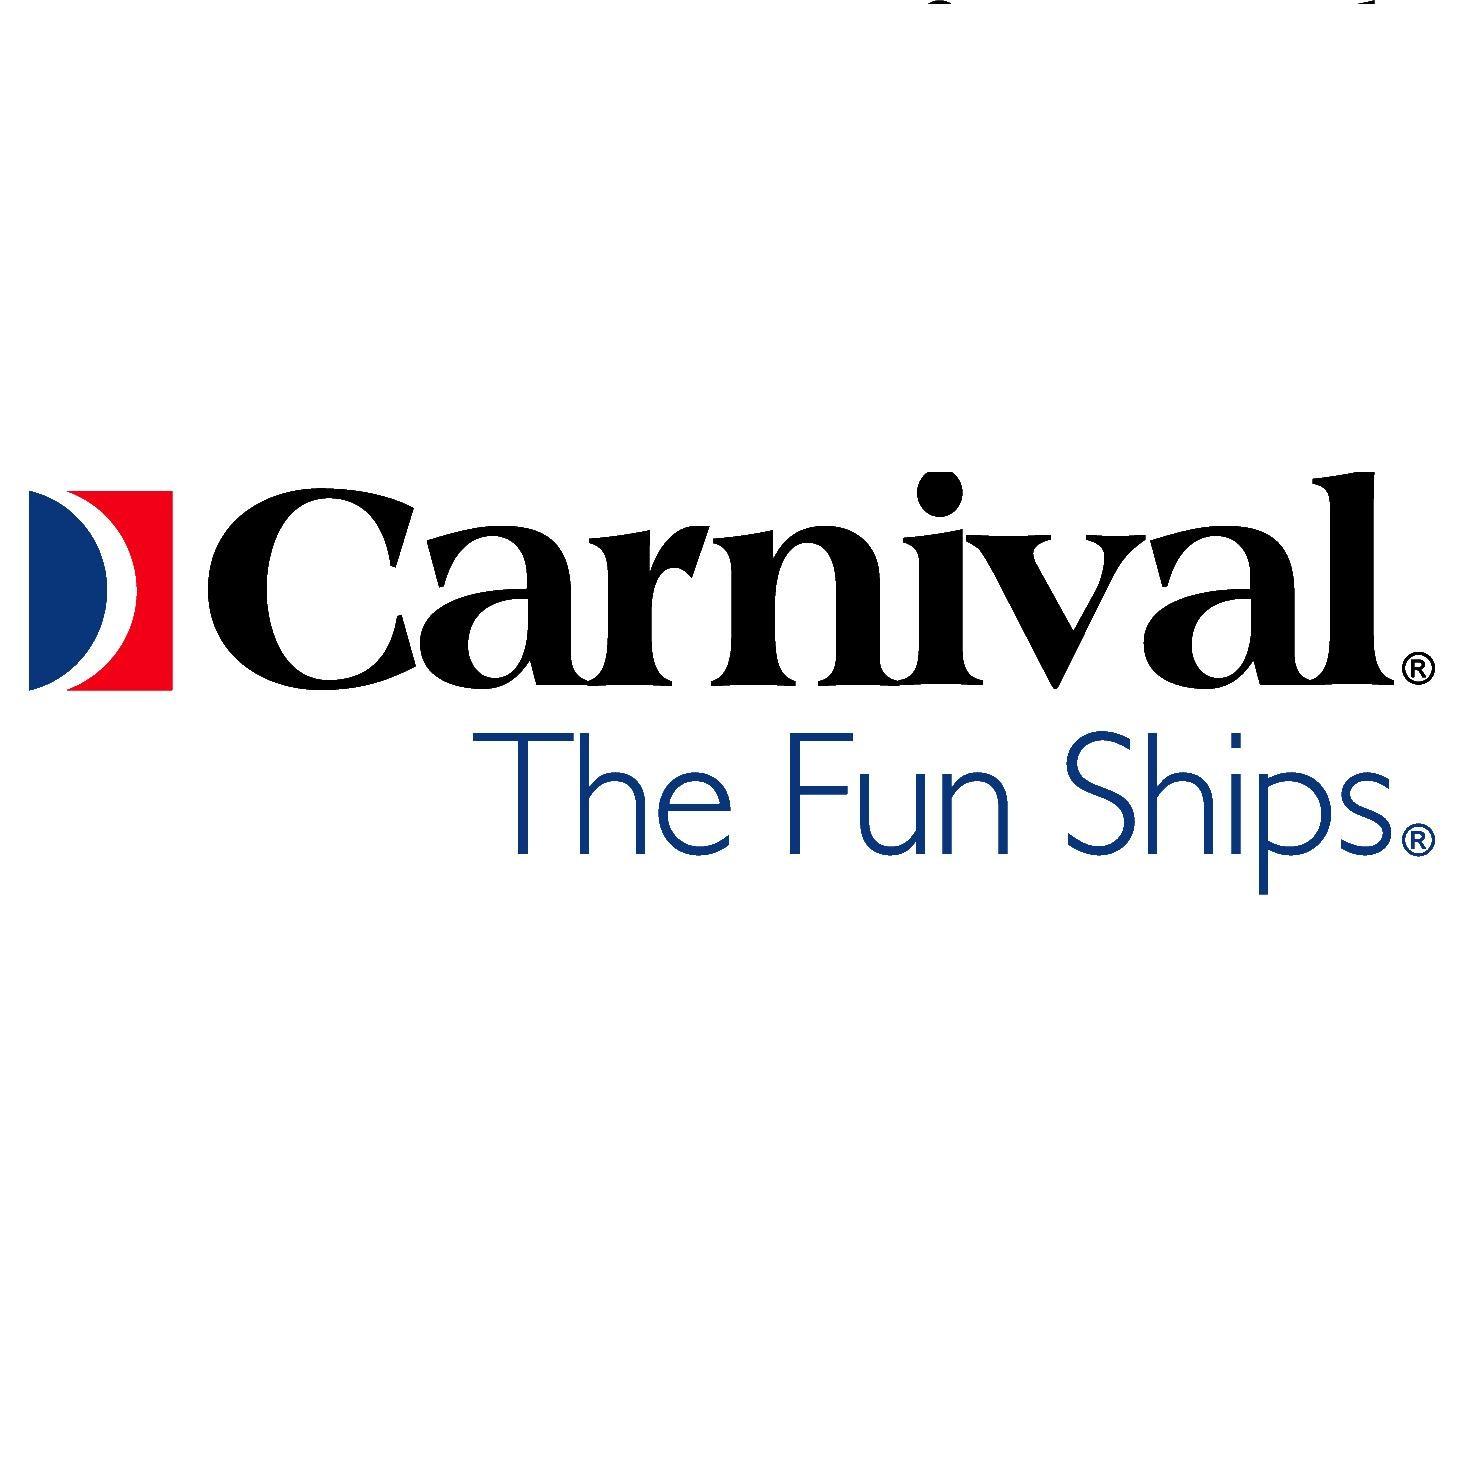 carnival logo OLD